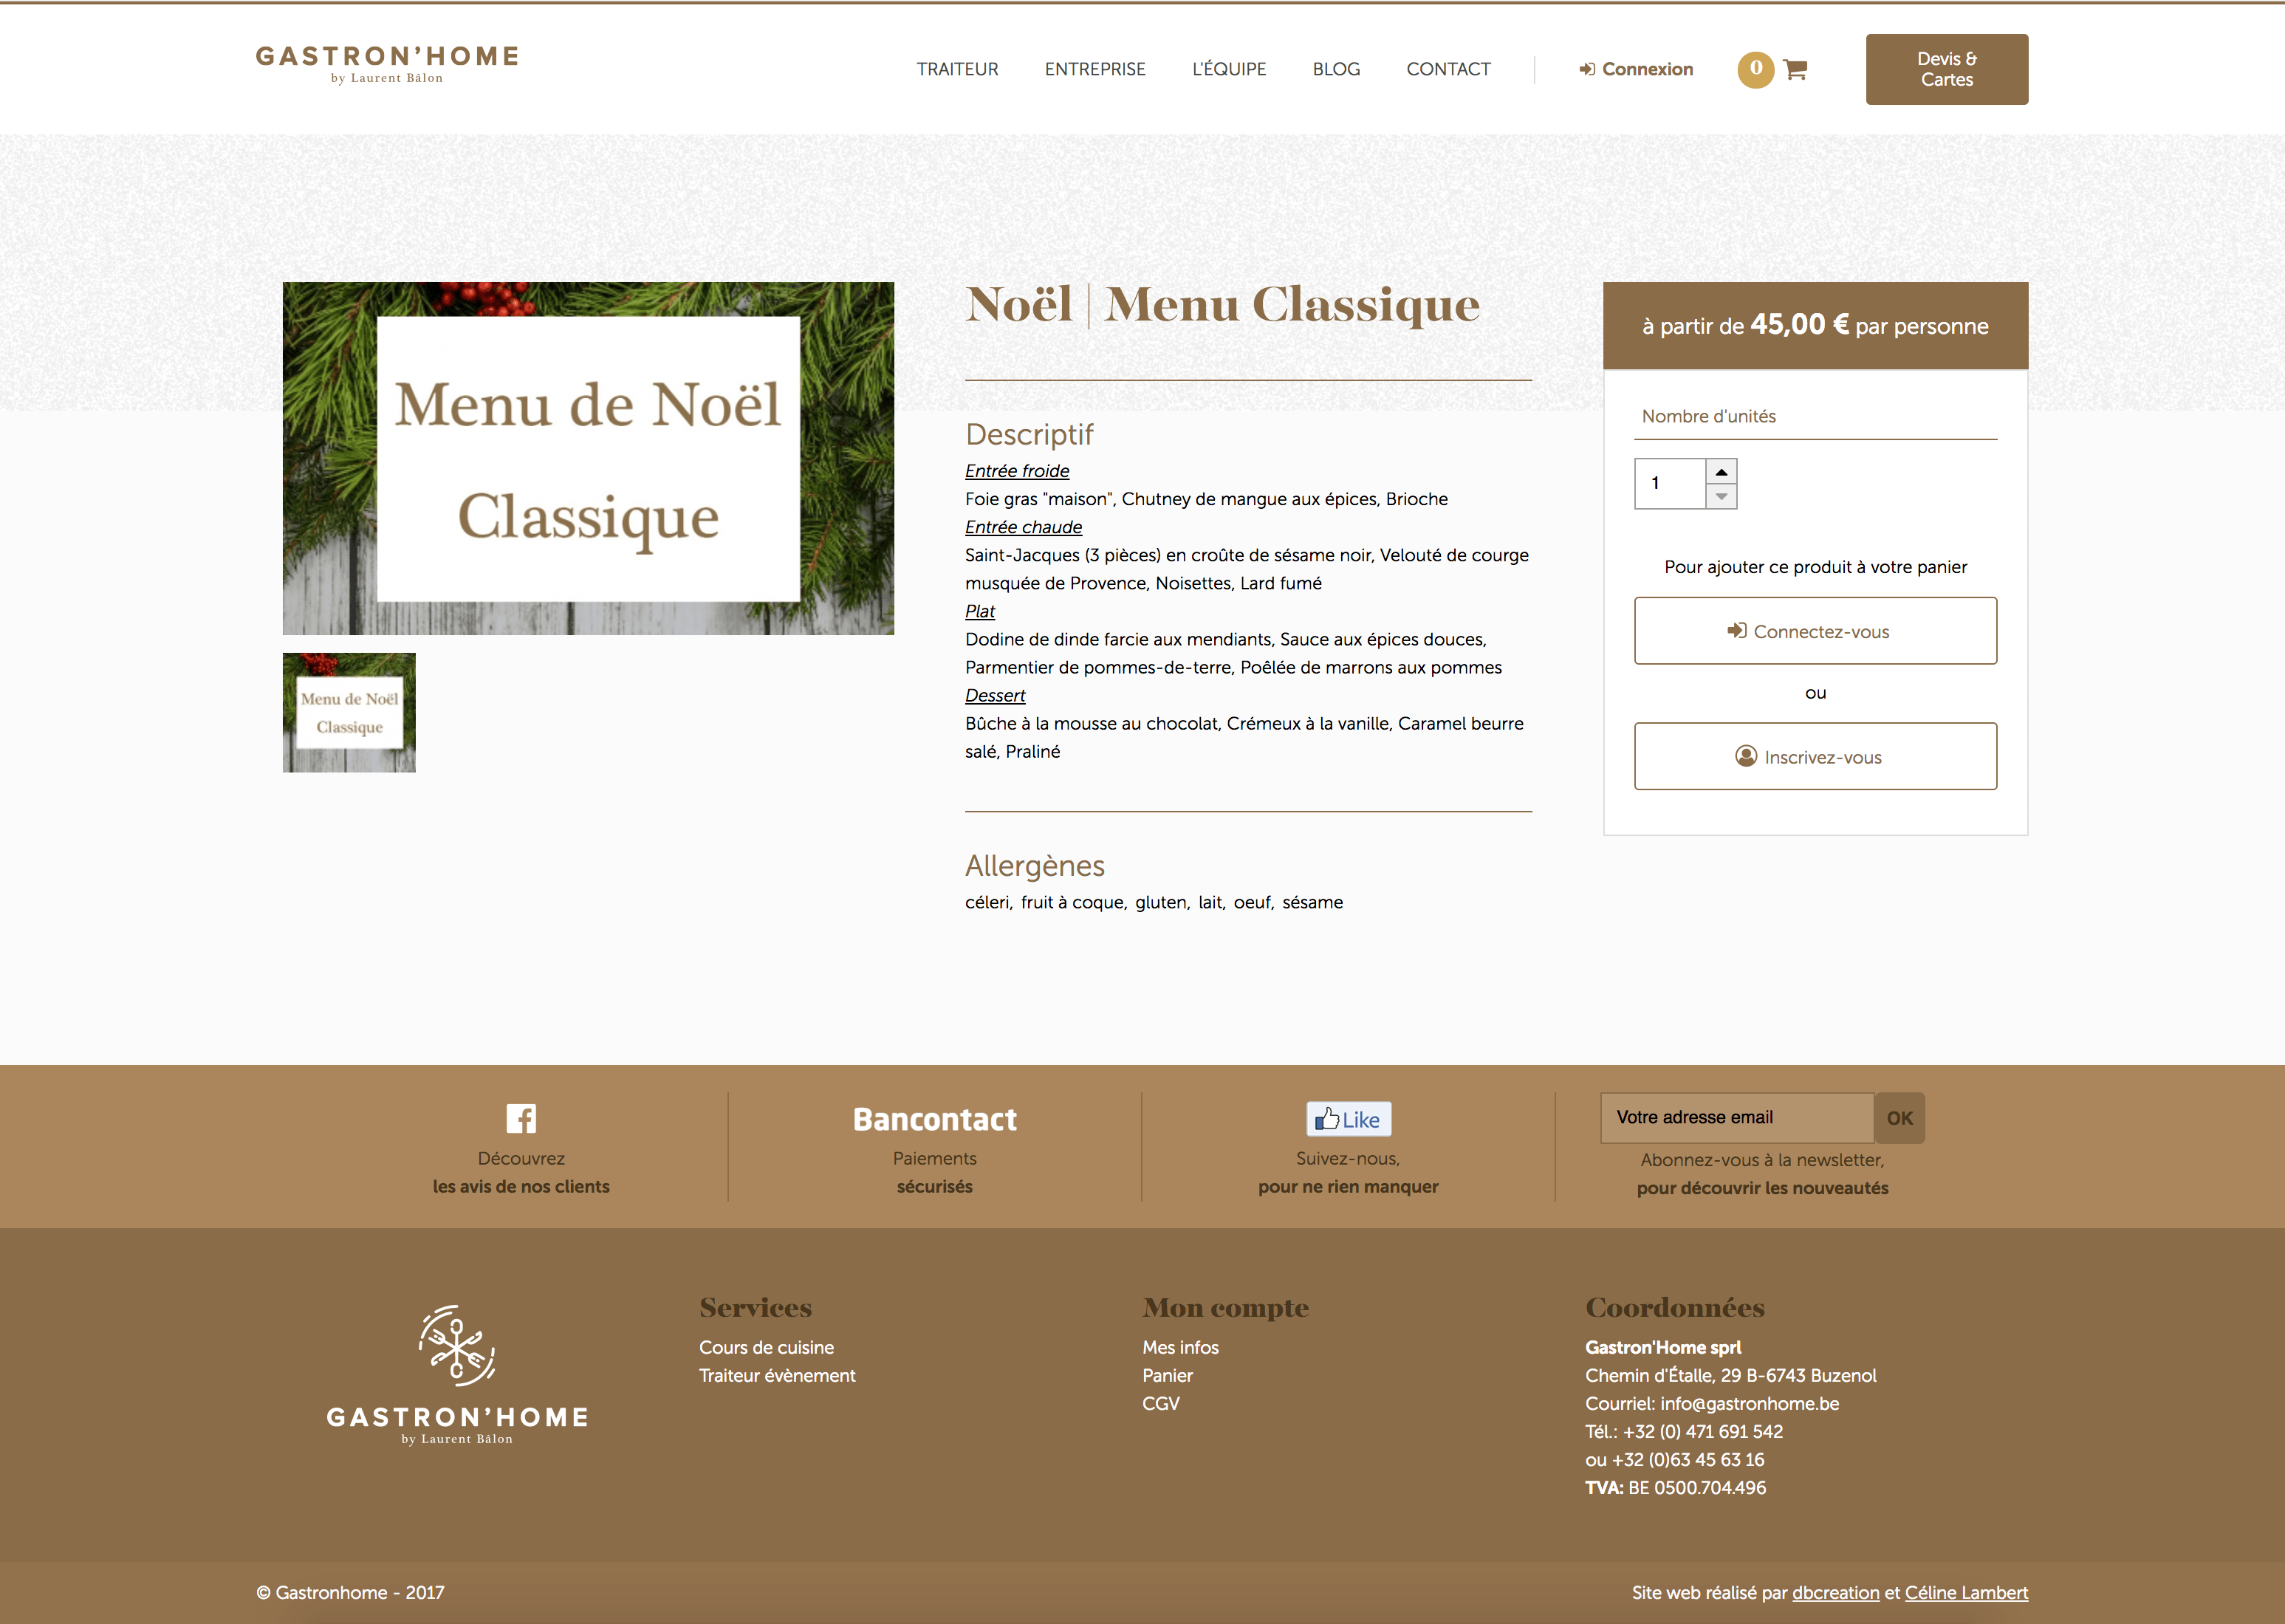 Fiche produit du site gastronhome.be